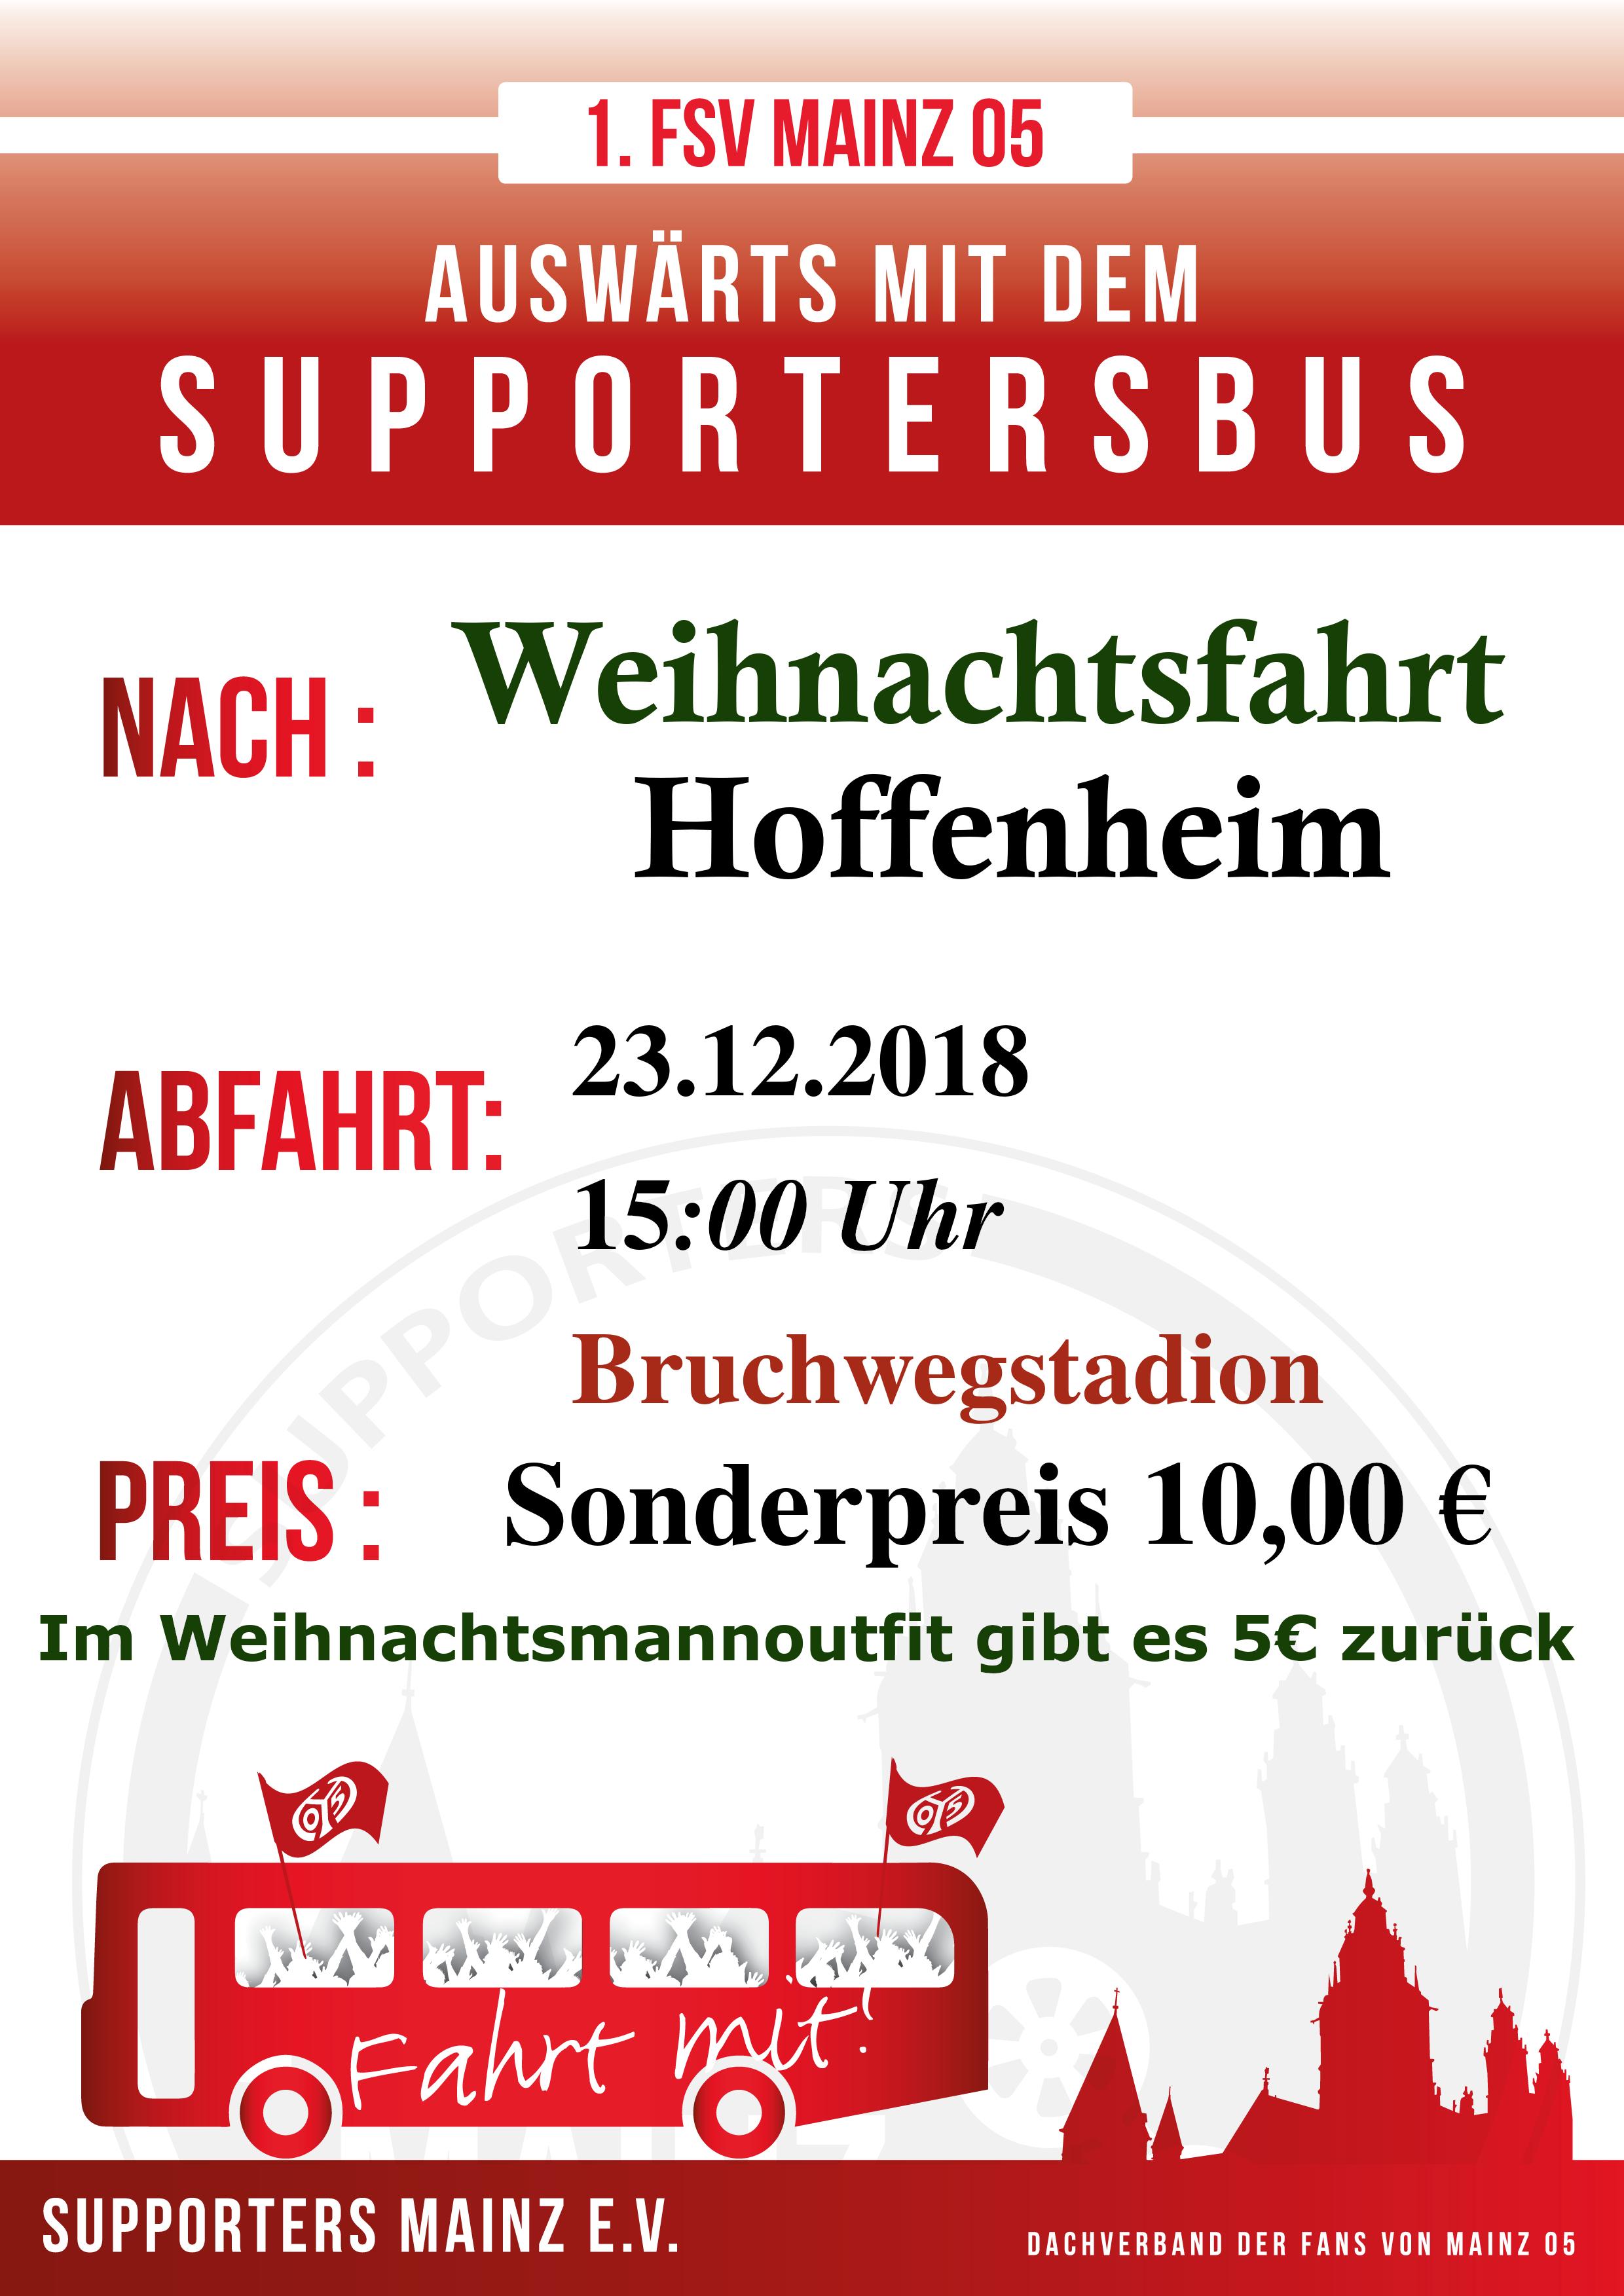 Weihnachtskekse Preise 2019.Weihnachtsfahrt Nach Hoffenheim Supporters Mainz